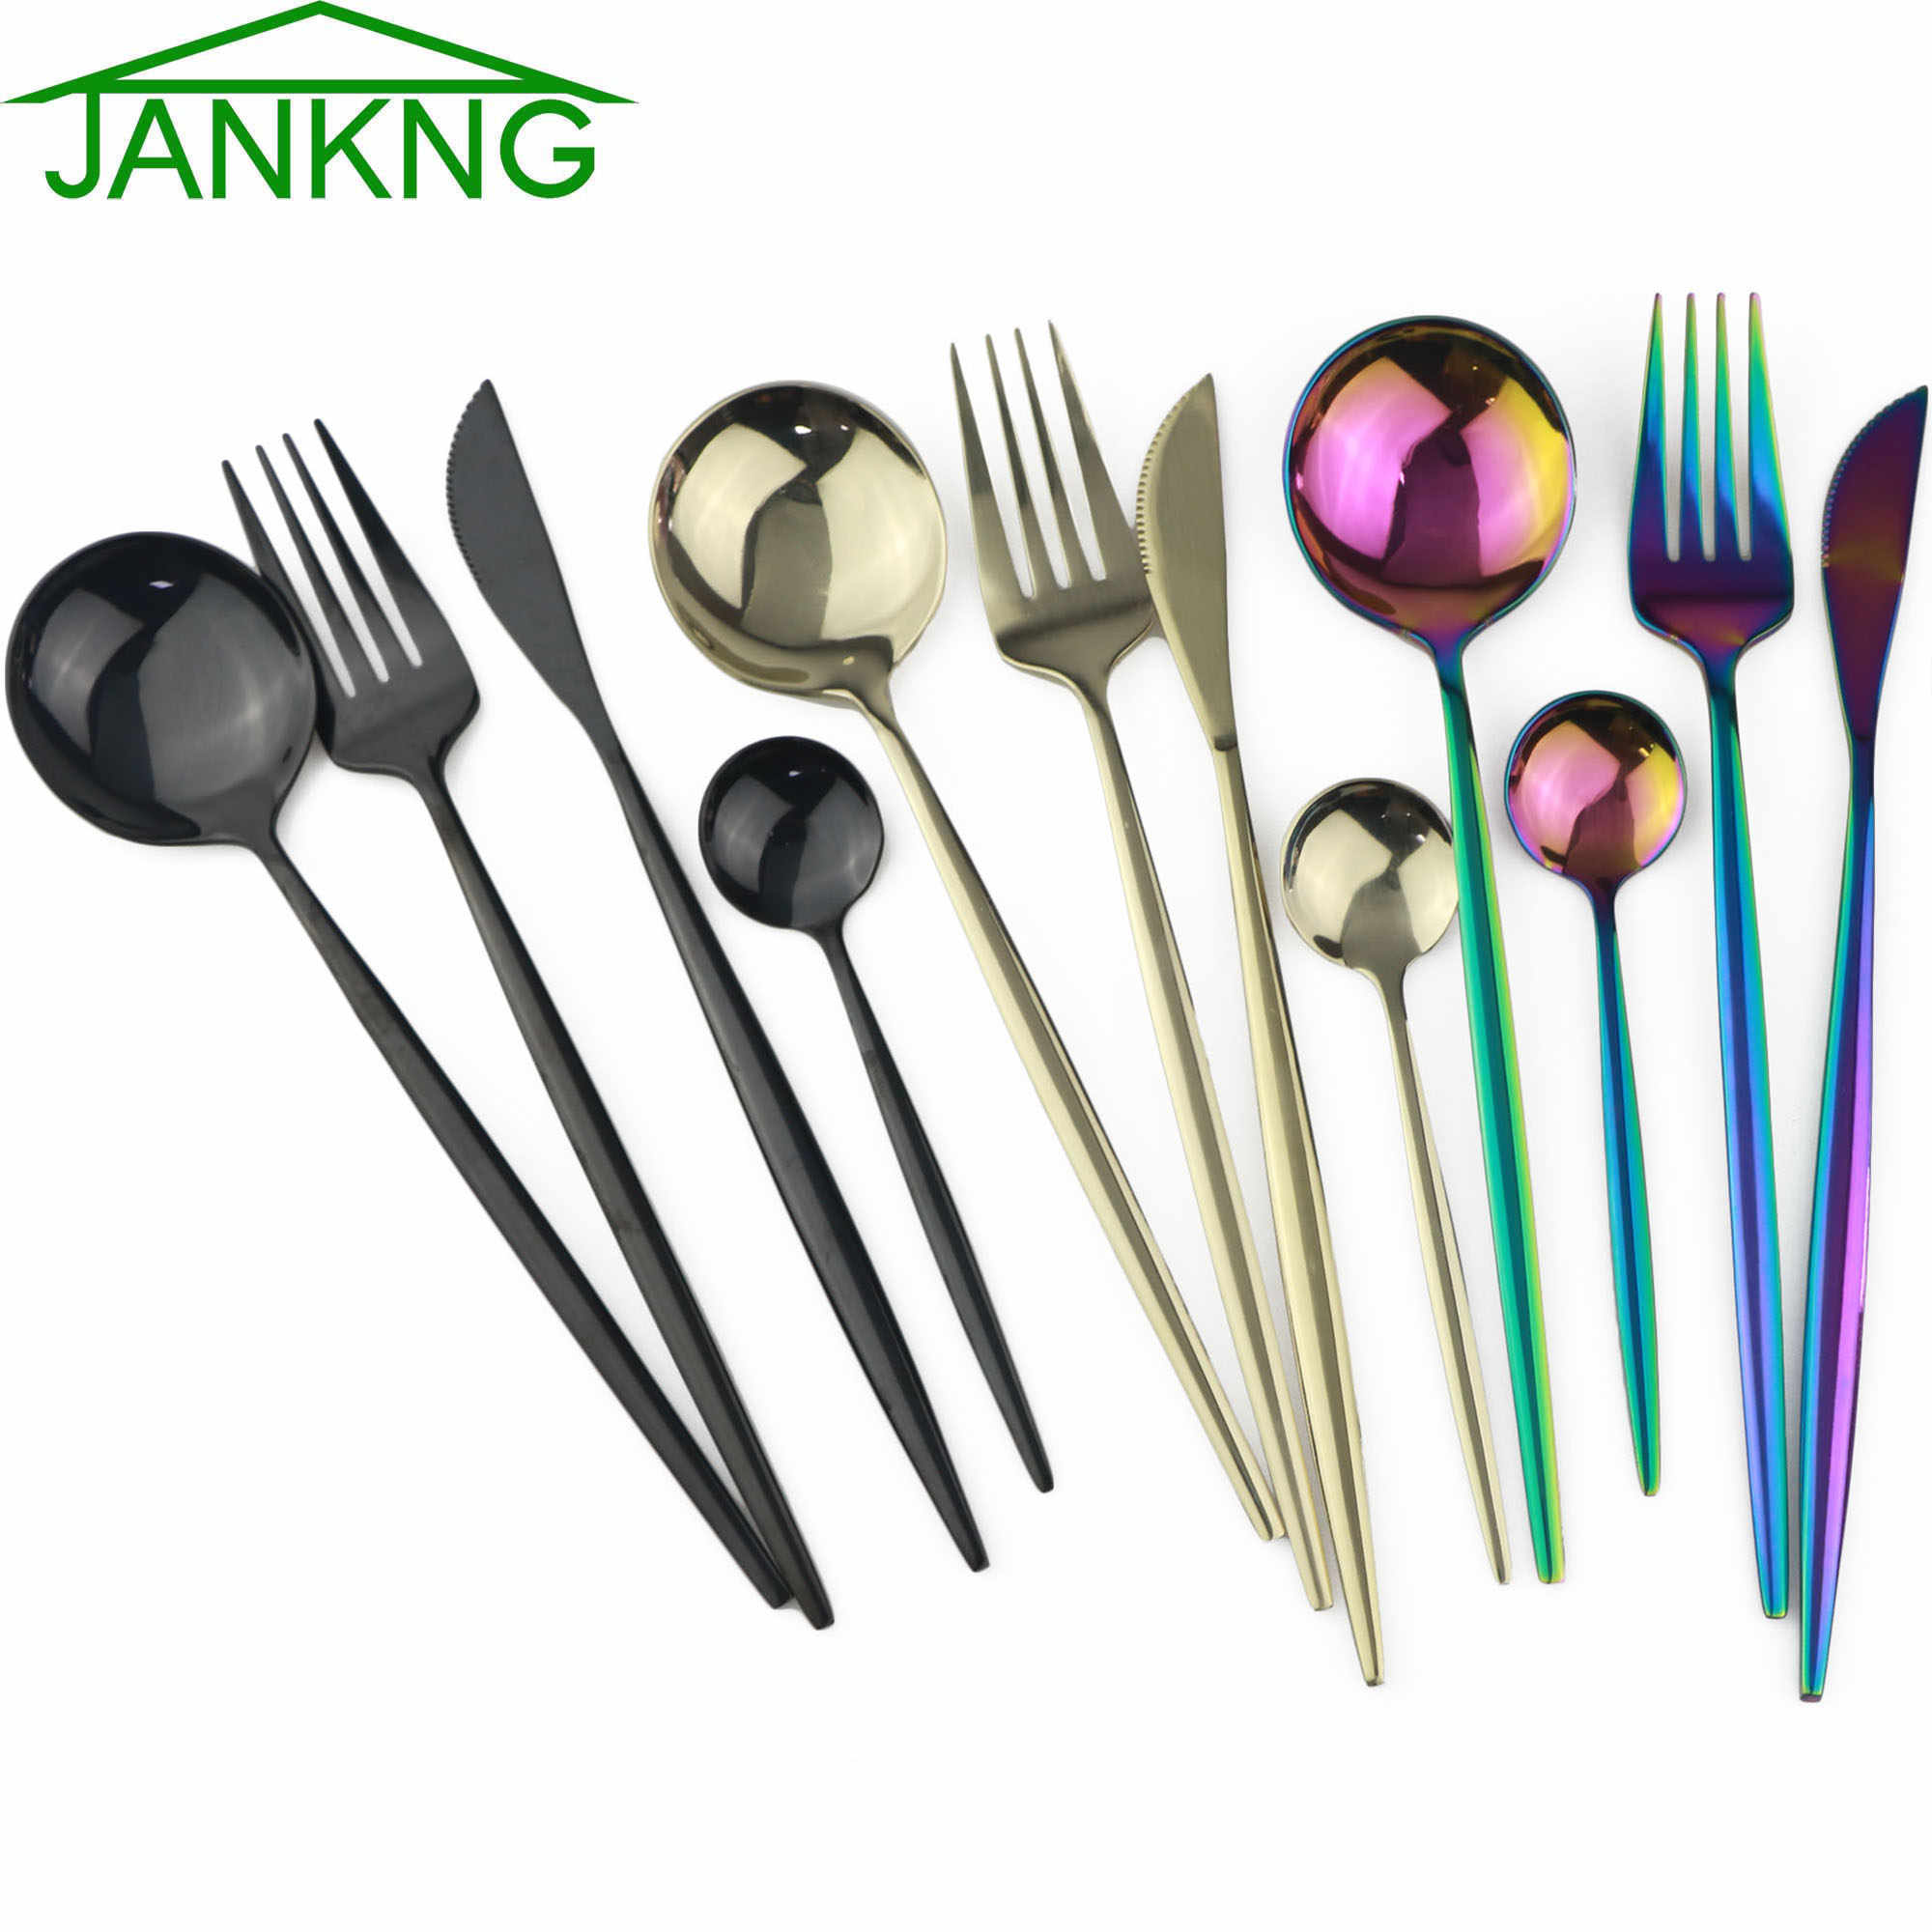 4Pcs สีดำชุดอาหารเย็น Rainbow ช้อนส้อมมีดส้อมช้อนชุด Flatware 304 สแตนเลสสตีลบนโต๊ะอาหารชุดอาหารค่ำ